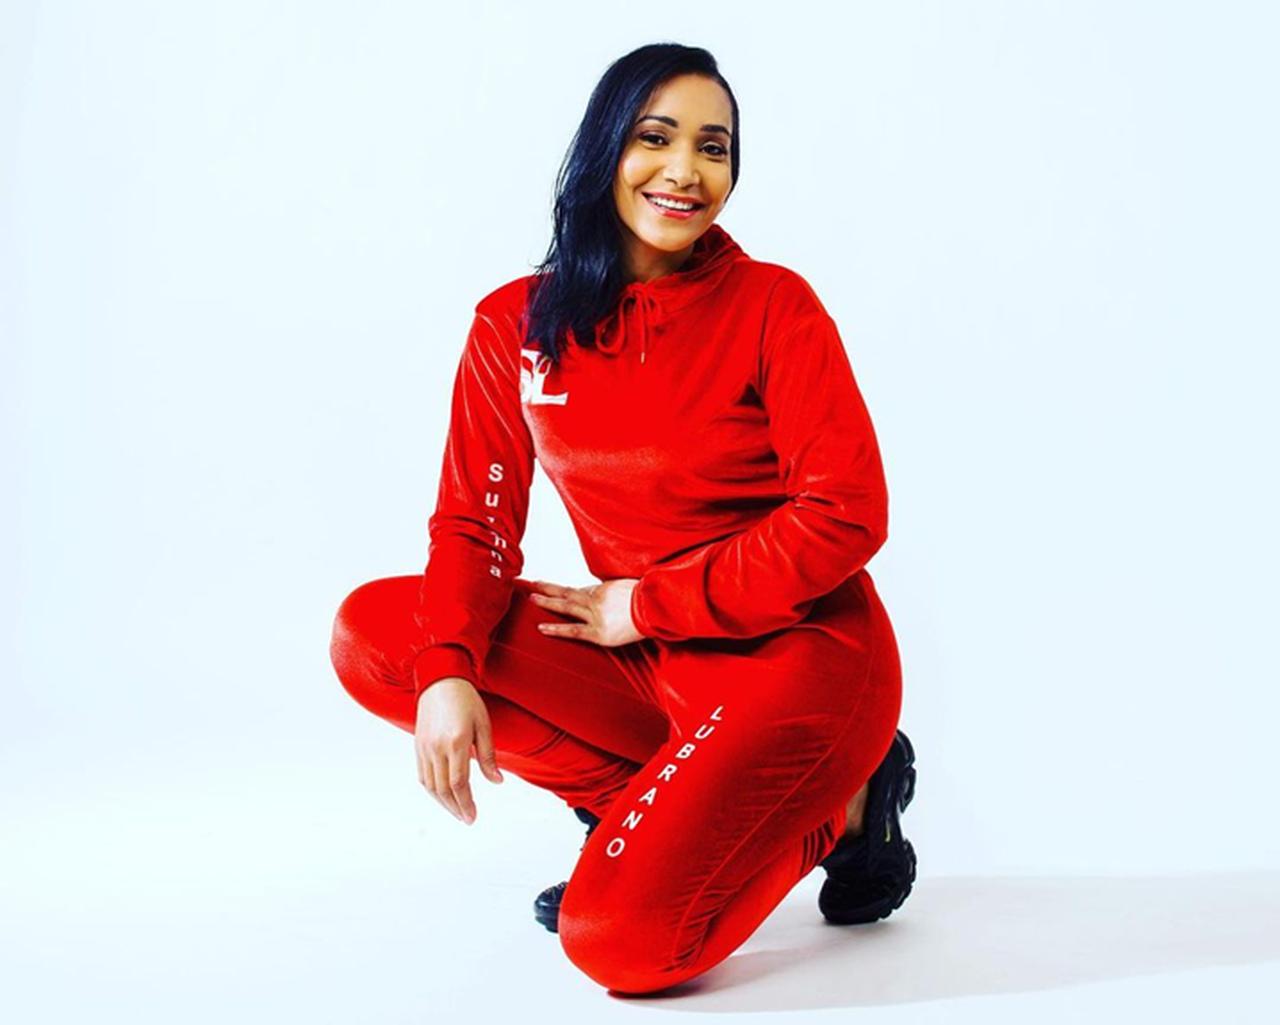 Suzanna Lubrano cria a sua marca de roupa